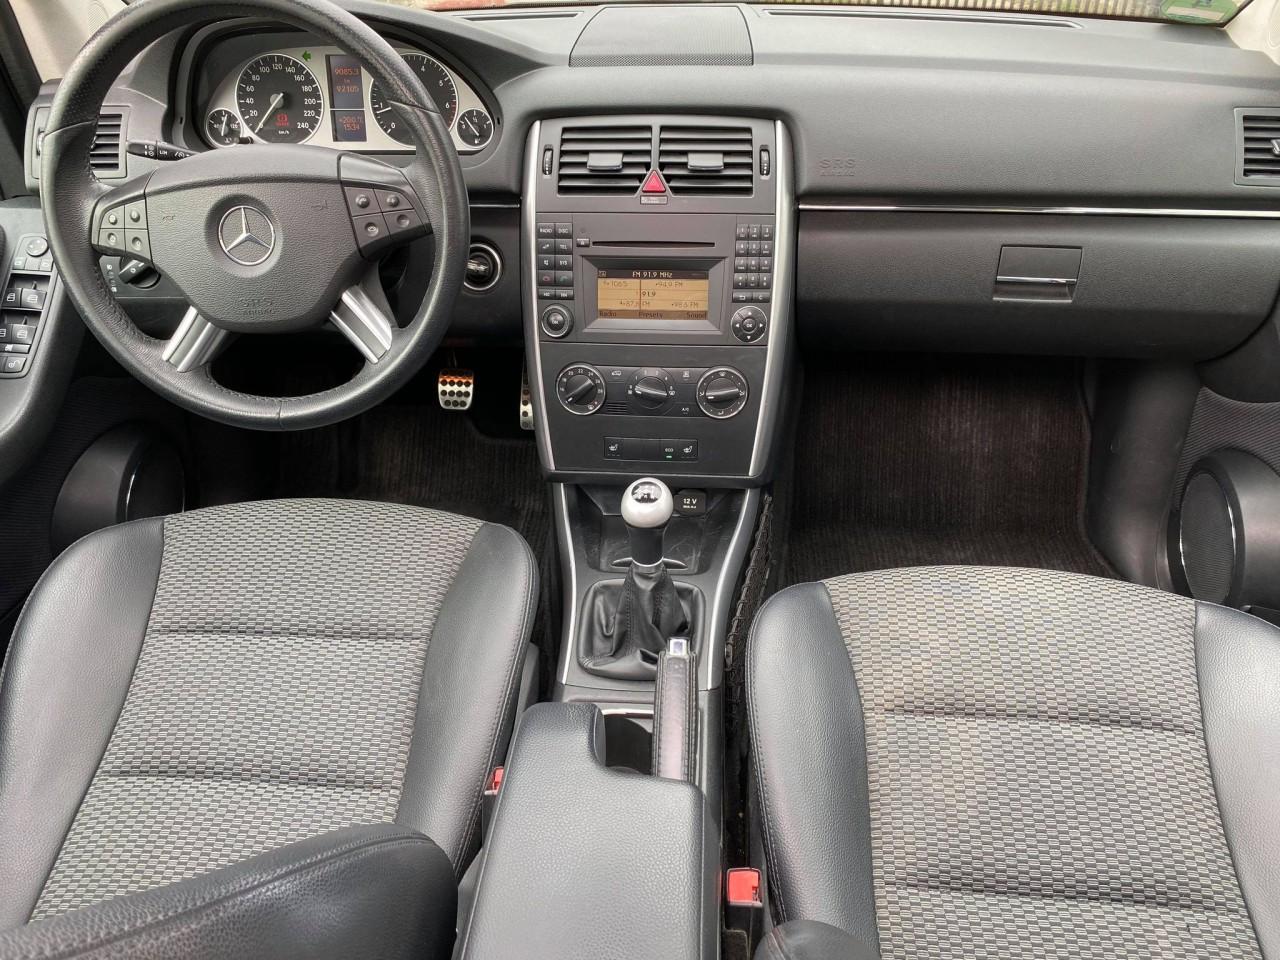 Mercedes B 160 1.5i 2010